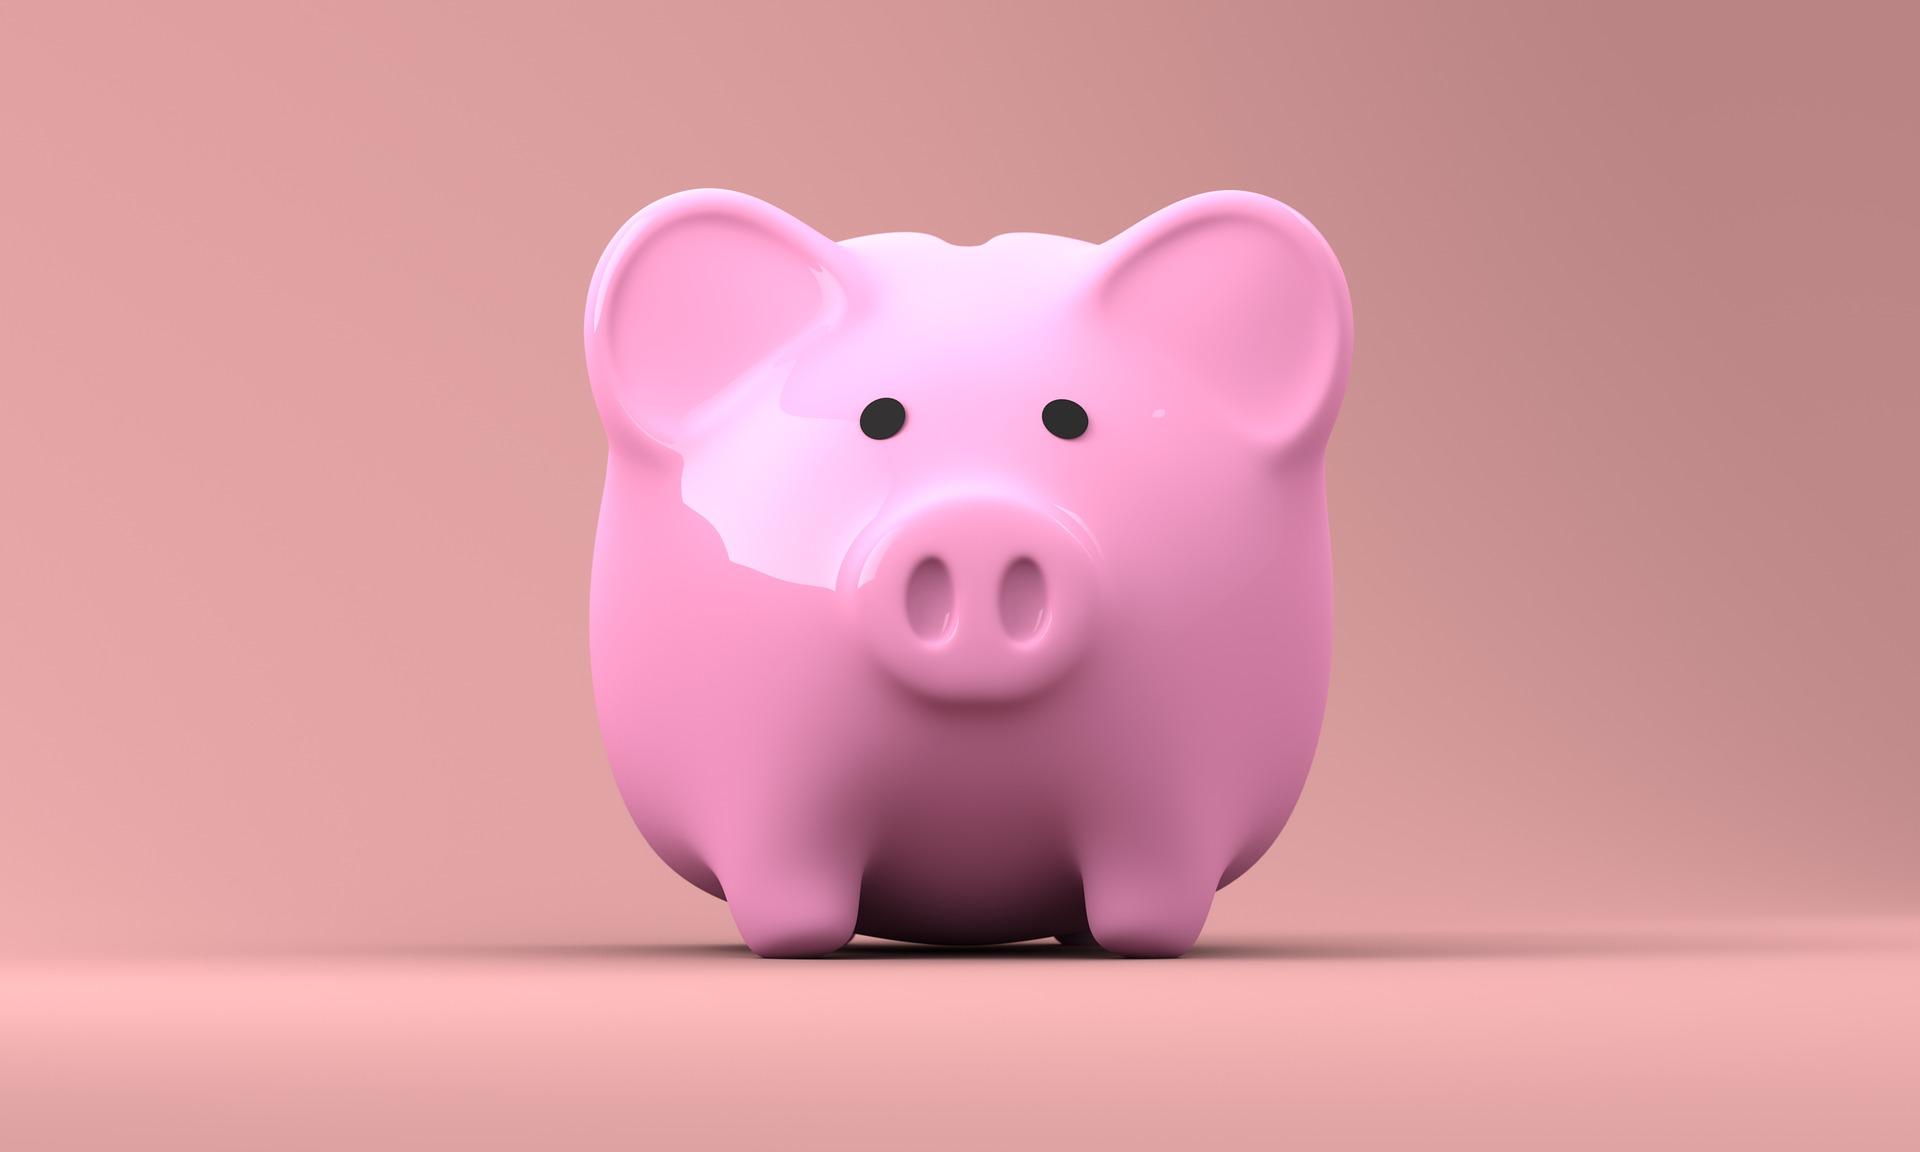 Картковий будинок: Як заклади харчування опановують безготівкові платежі